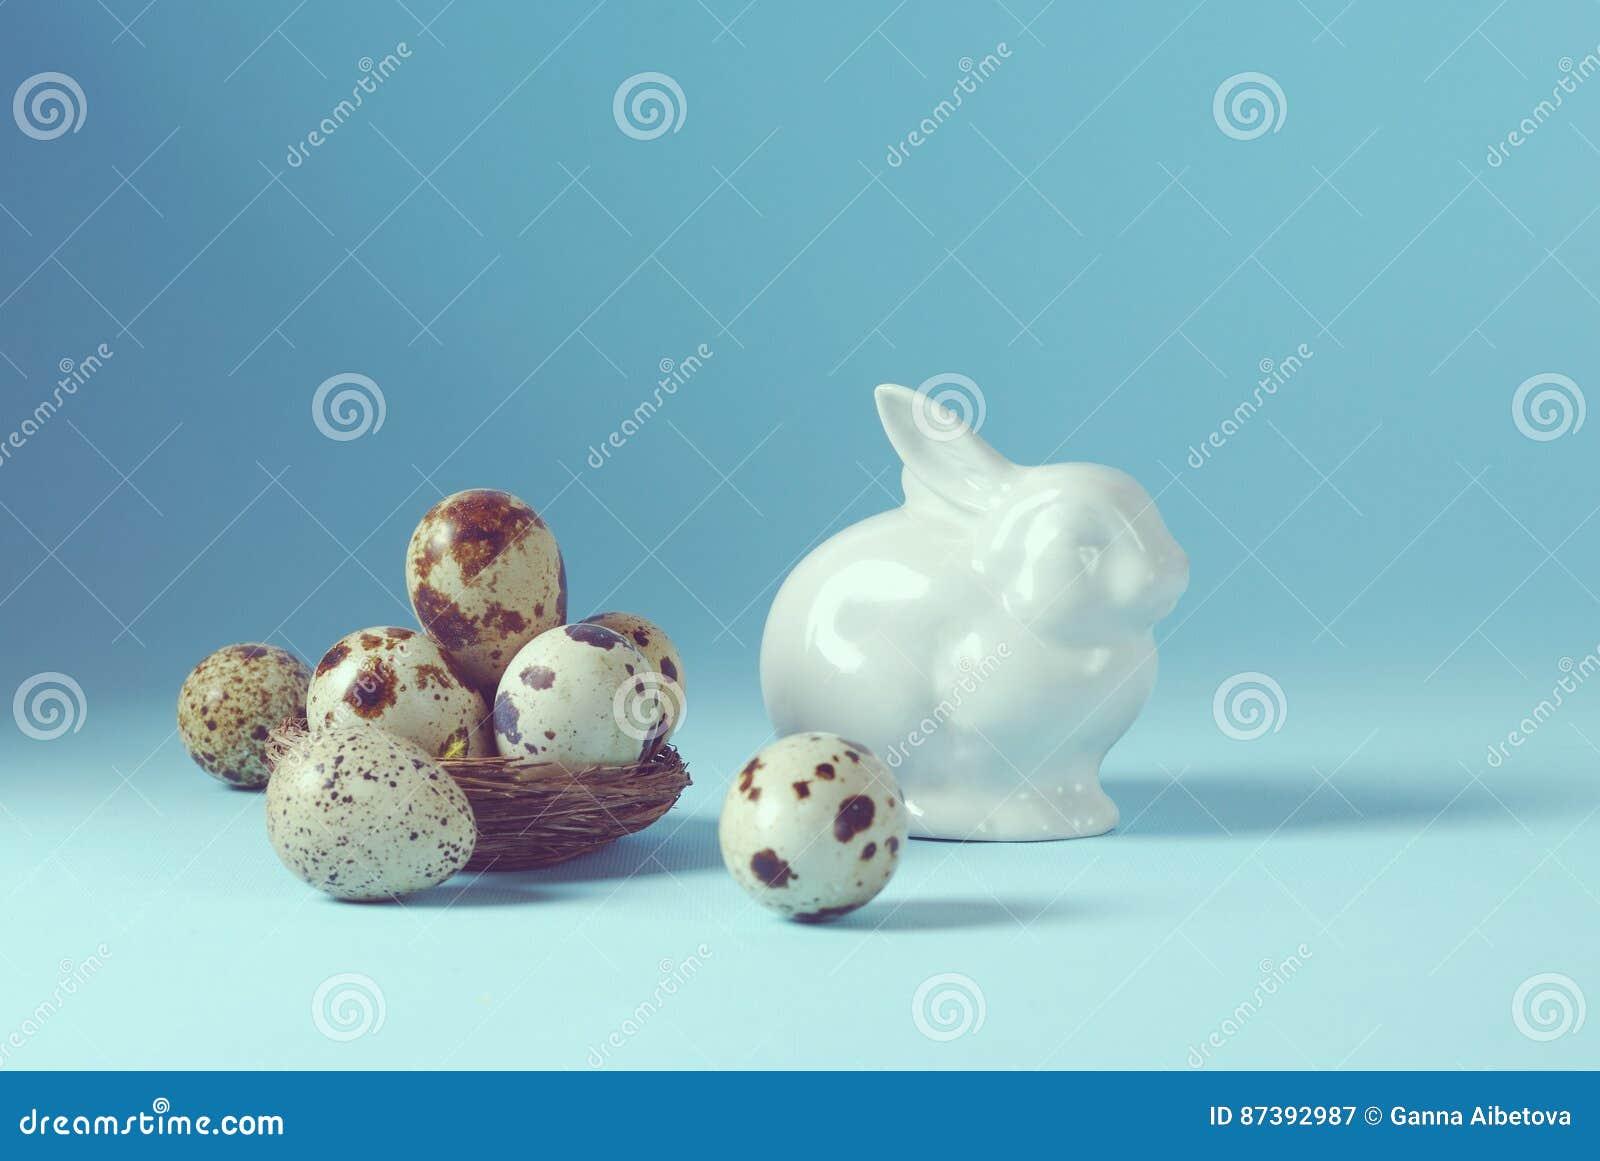 Da Páscoa do feriado fundo da vida ainda com os ovos brancos do coelho e de codorniz da porcelana no vintage decorativo do ninho